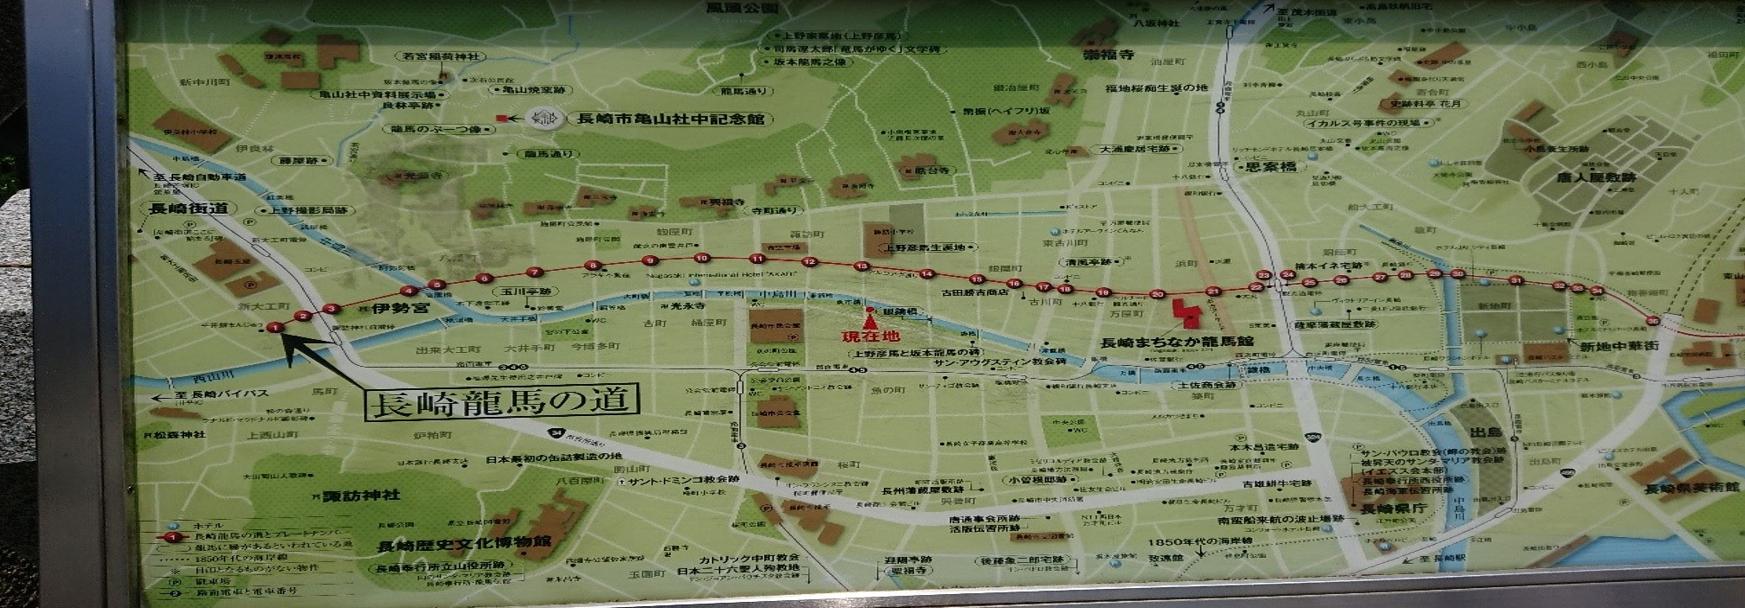 長崎龍馬の道